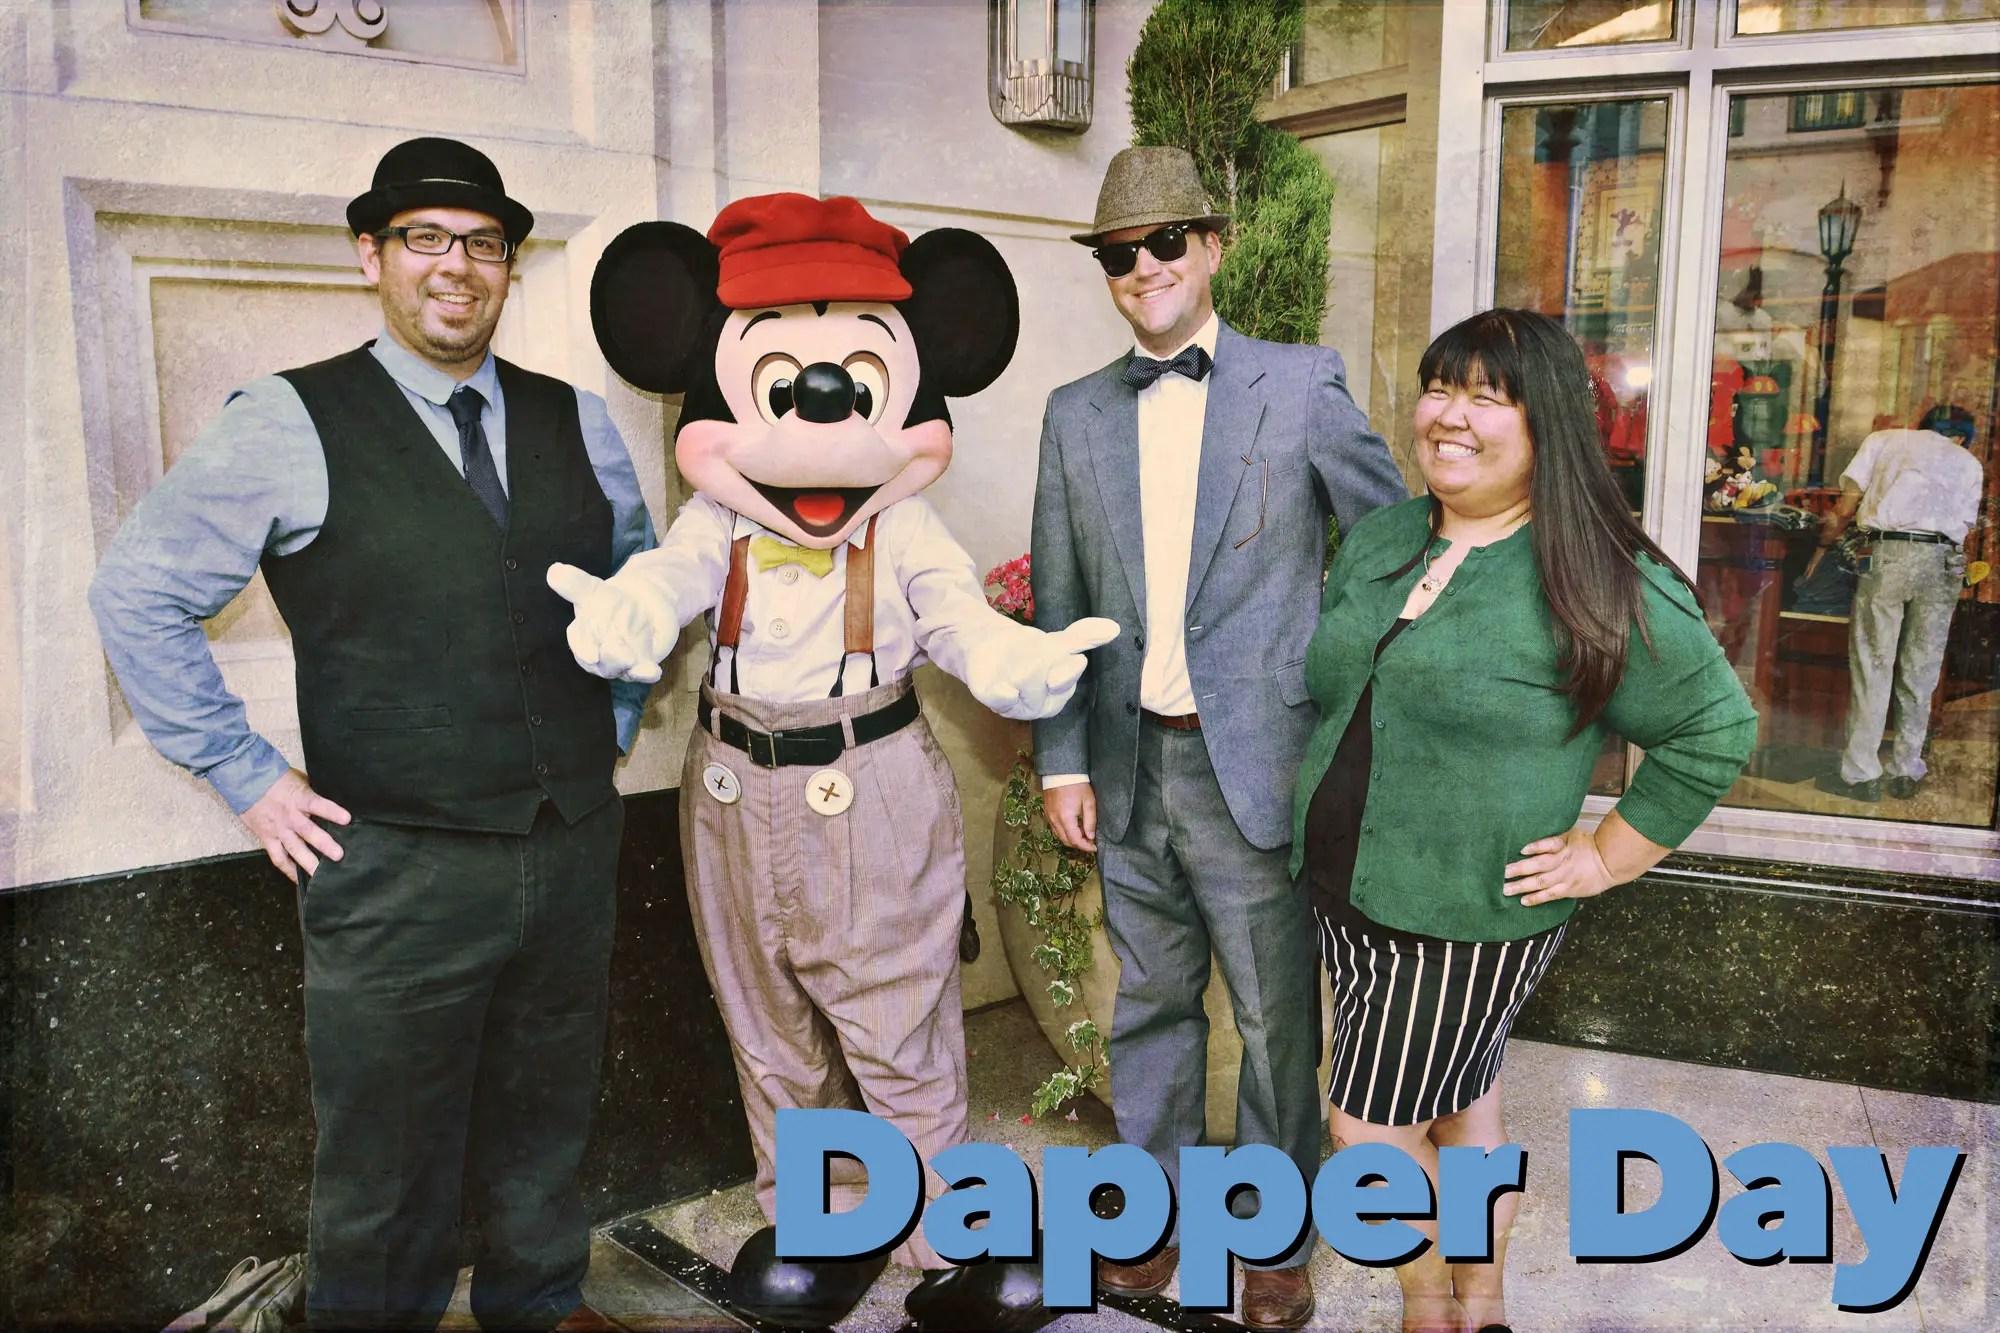 Dapper Day Descend on Disneyland